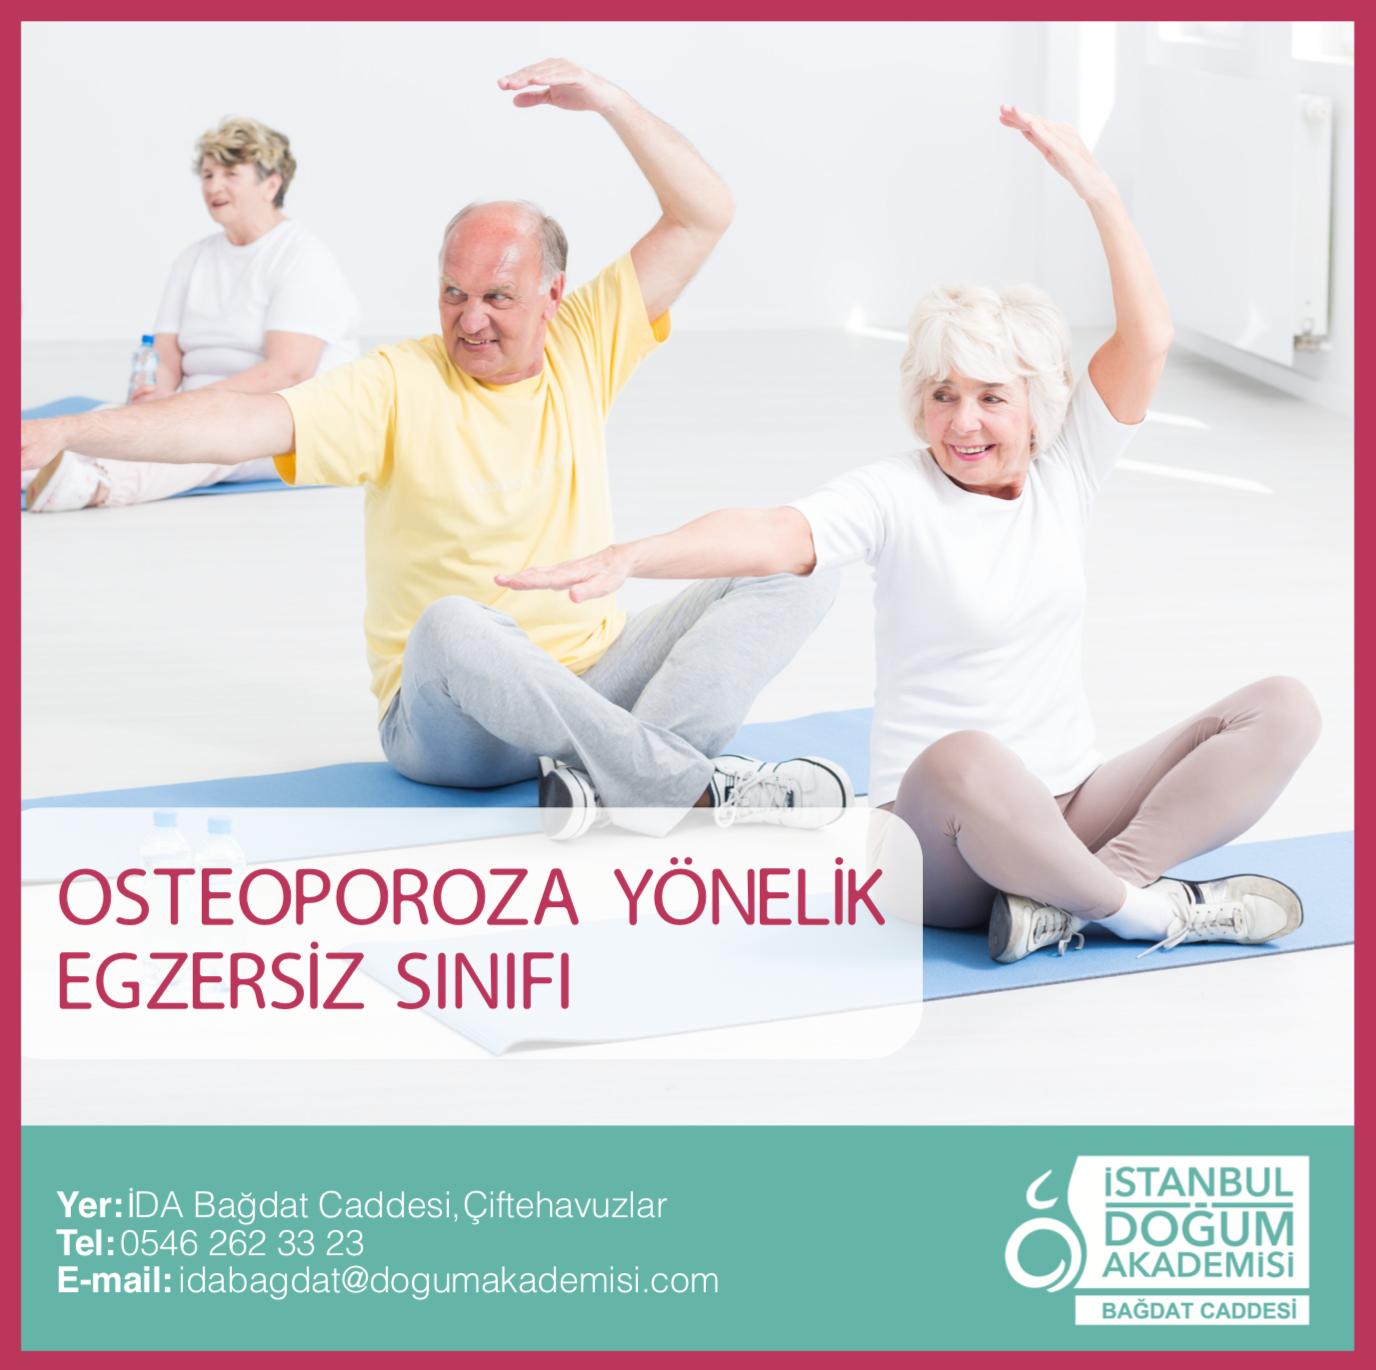 Osteoporoza Yönelik Egzersiz Sınıfı